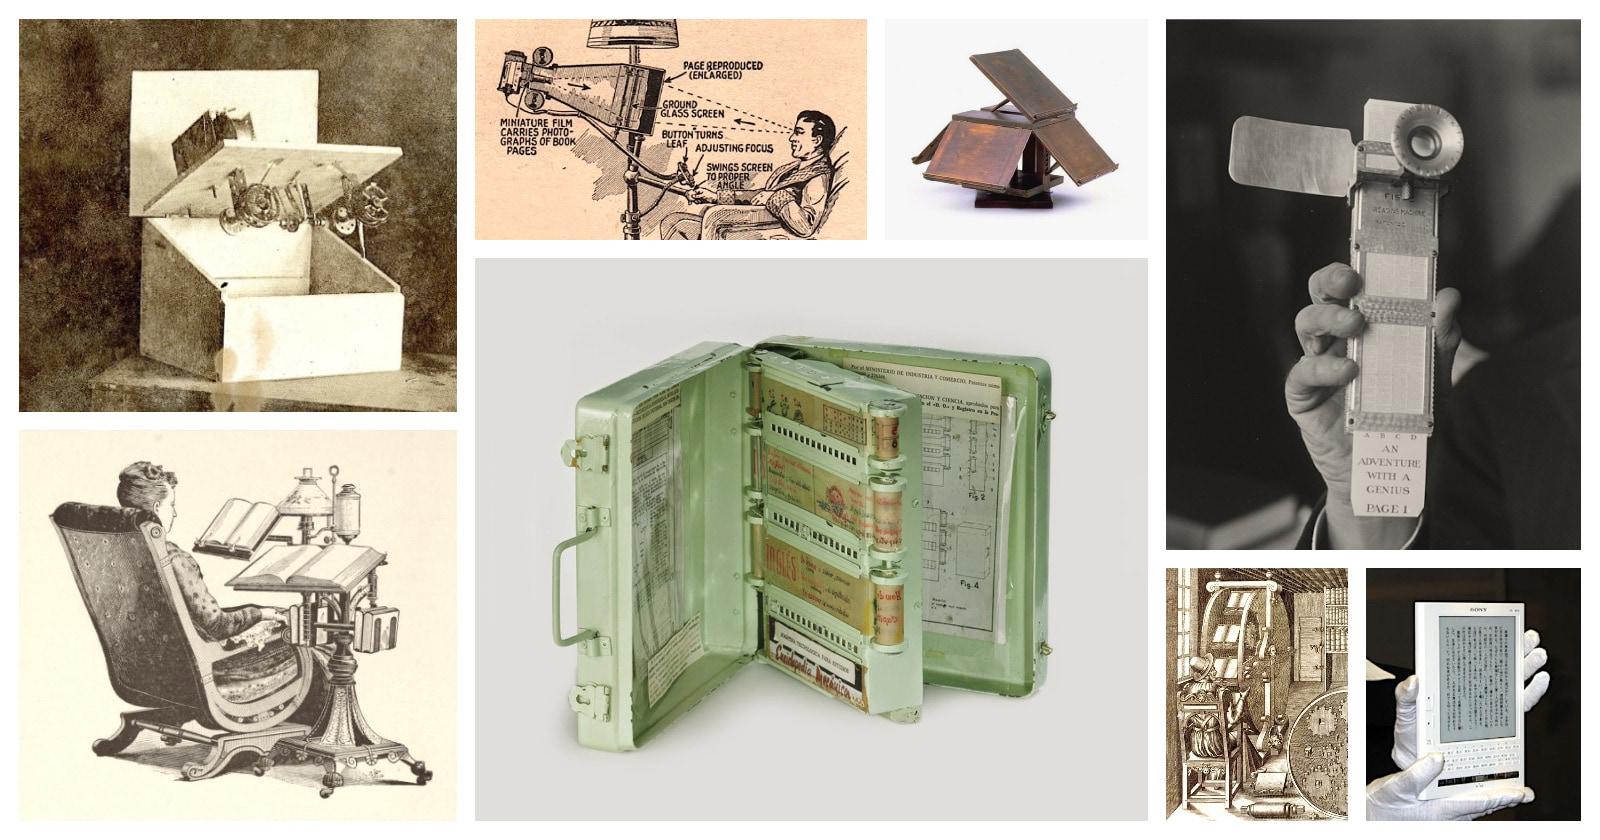 Best vintage book machines before Kindle